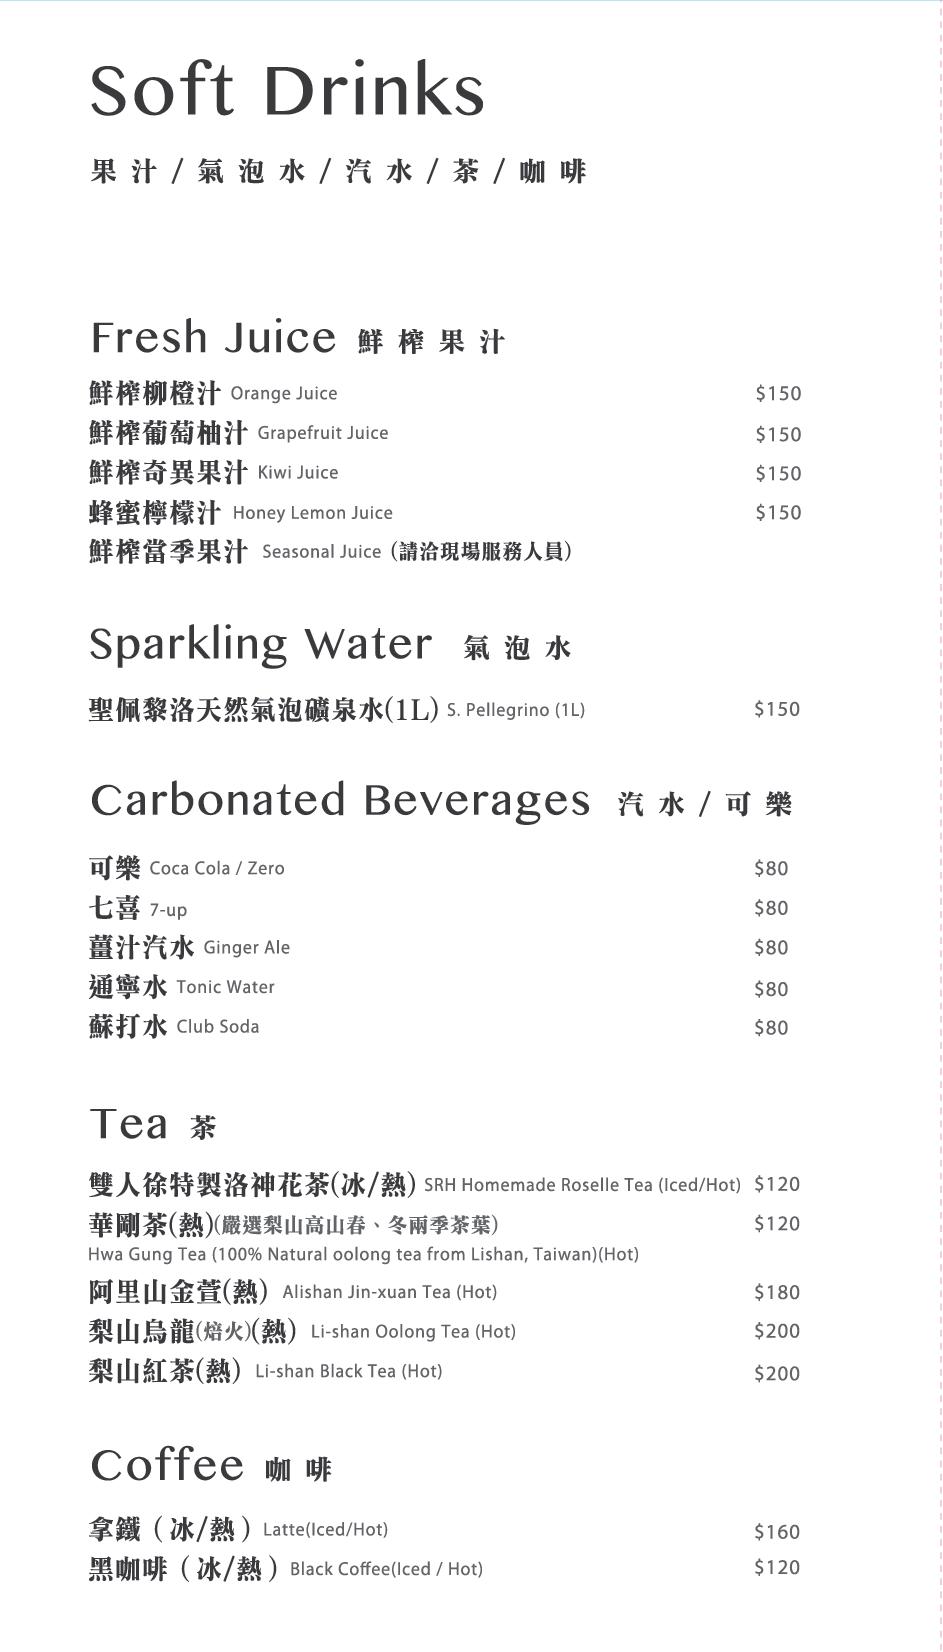 SRH new menu_酒水I_內湖_OL-15.png